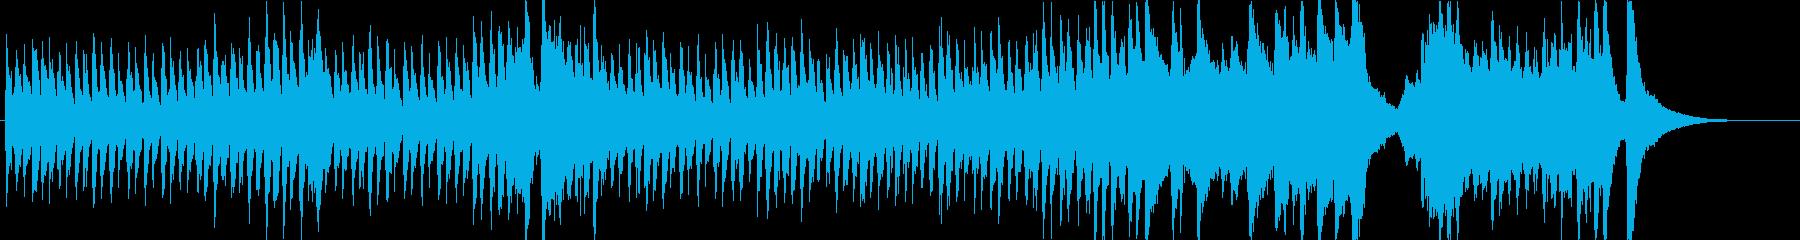 明るく賑やかで愉快なオーケストラマーチ2の再生済みの波形